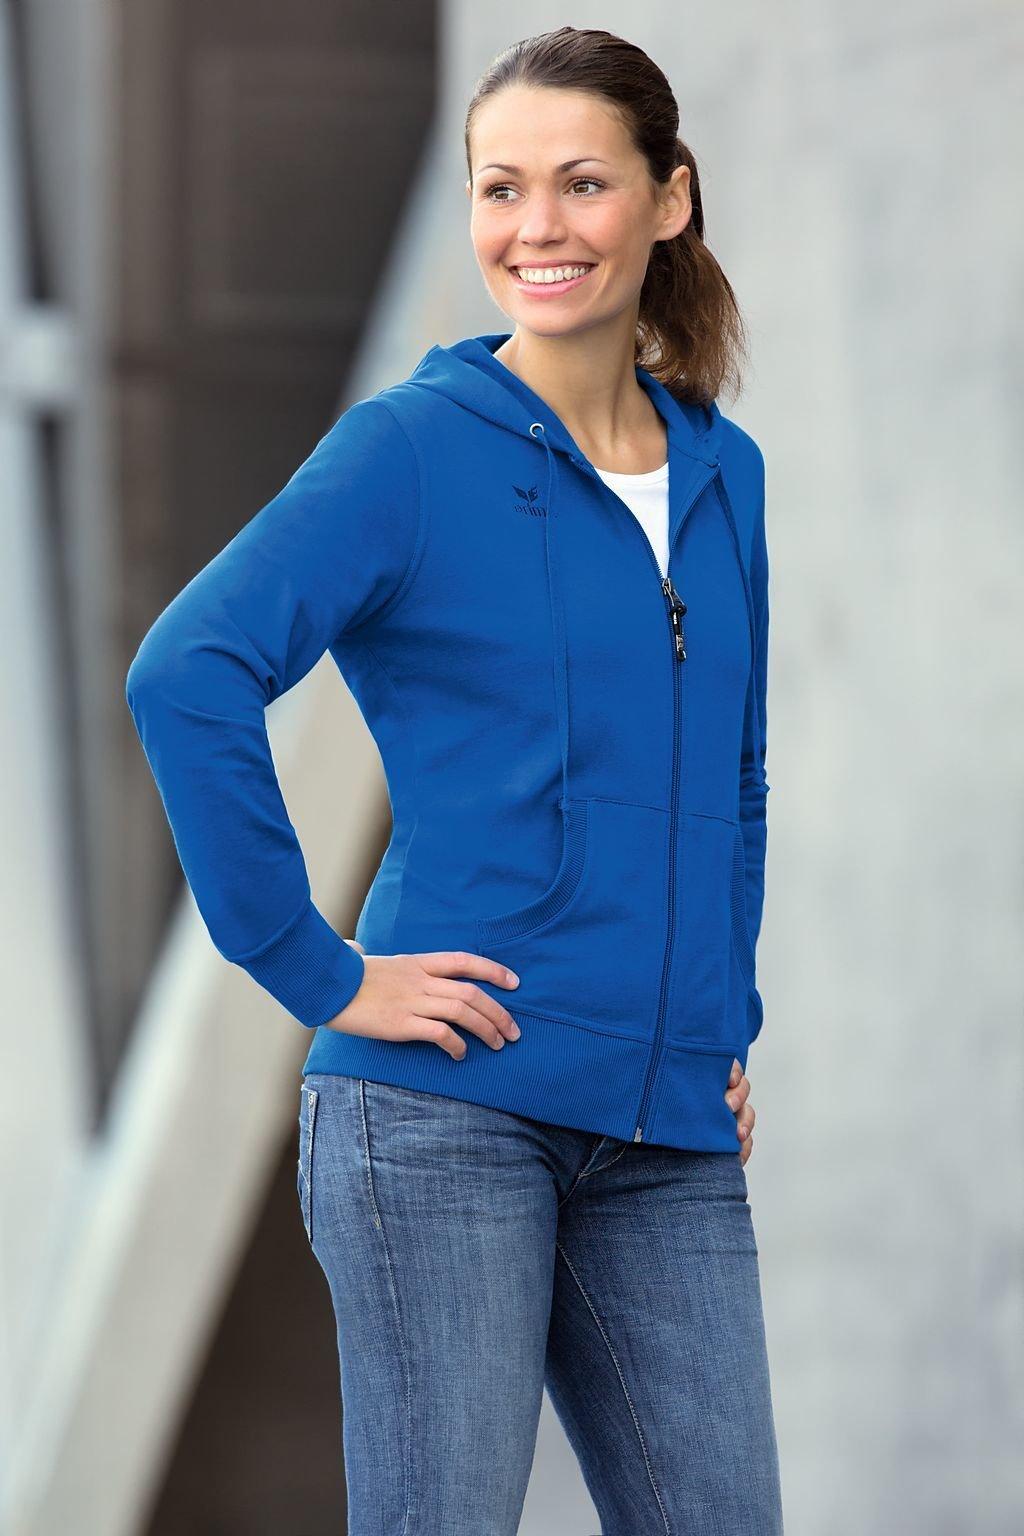 Hooded Jacket Kapuzen Sweatjacke Damen Baumwolle a207001